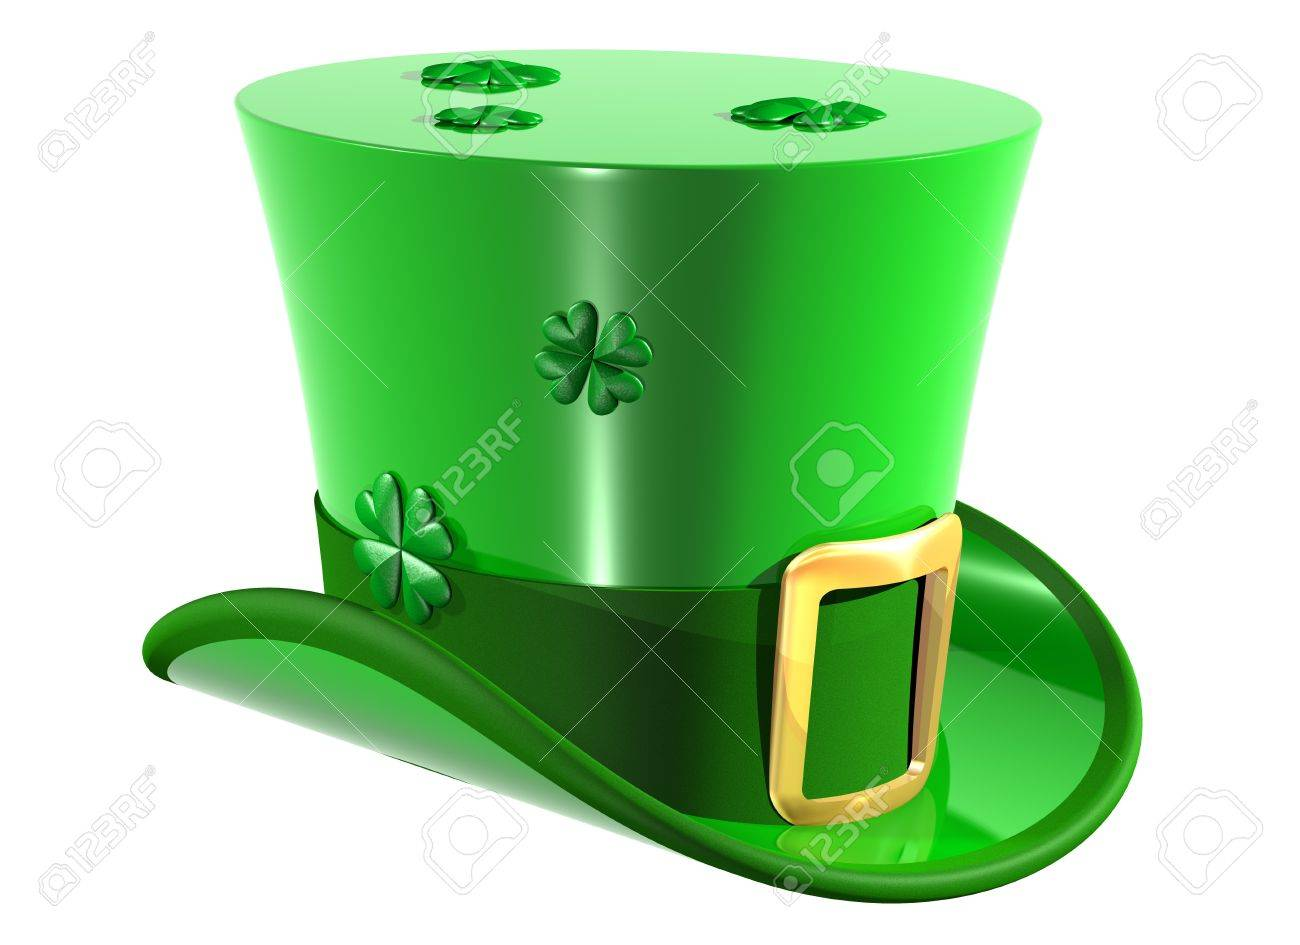 Isolated illustration of an Irish leprechaun top hat Stock Photo - 4462964